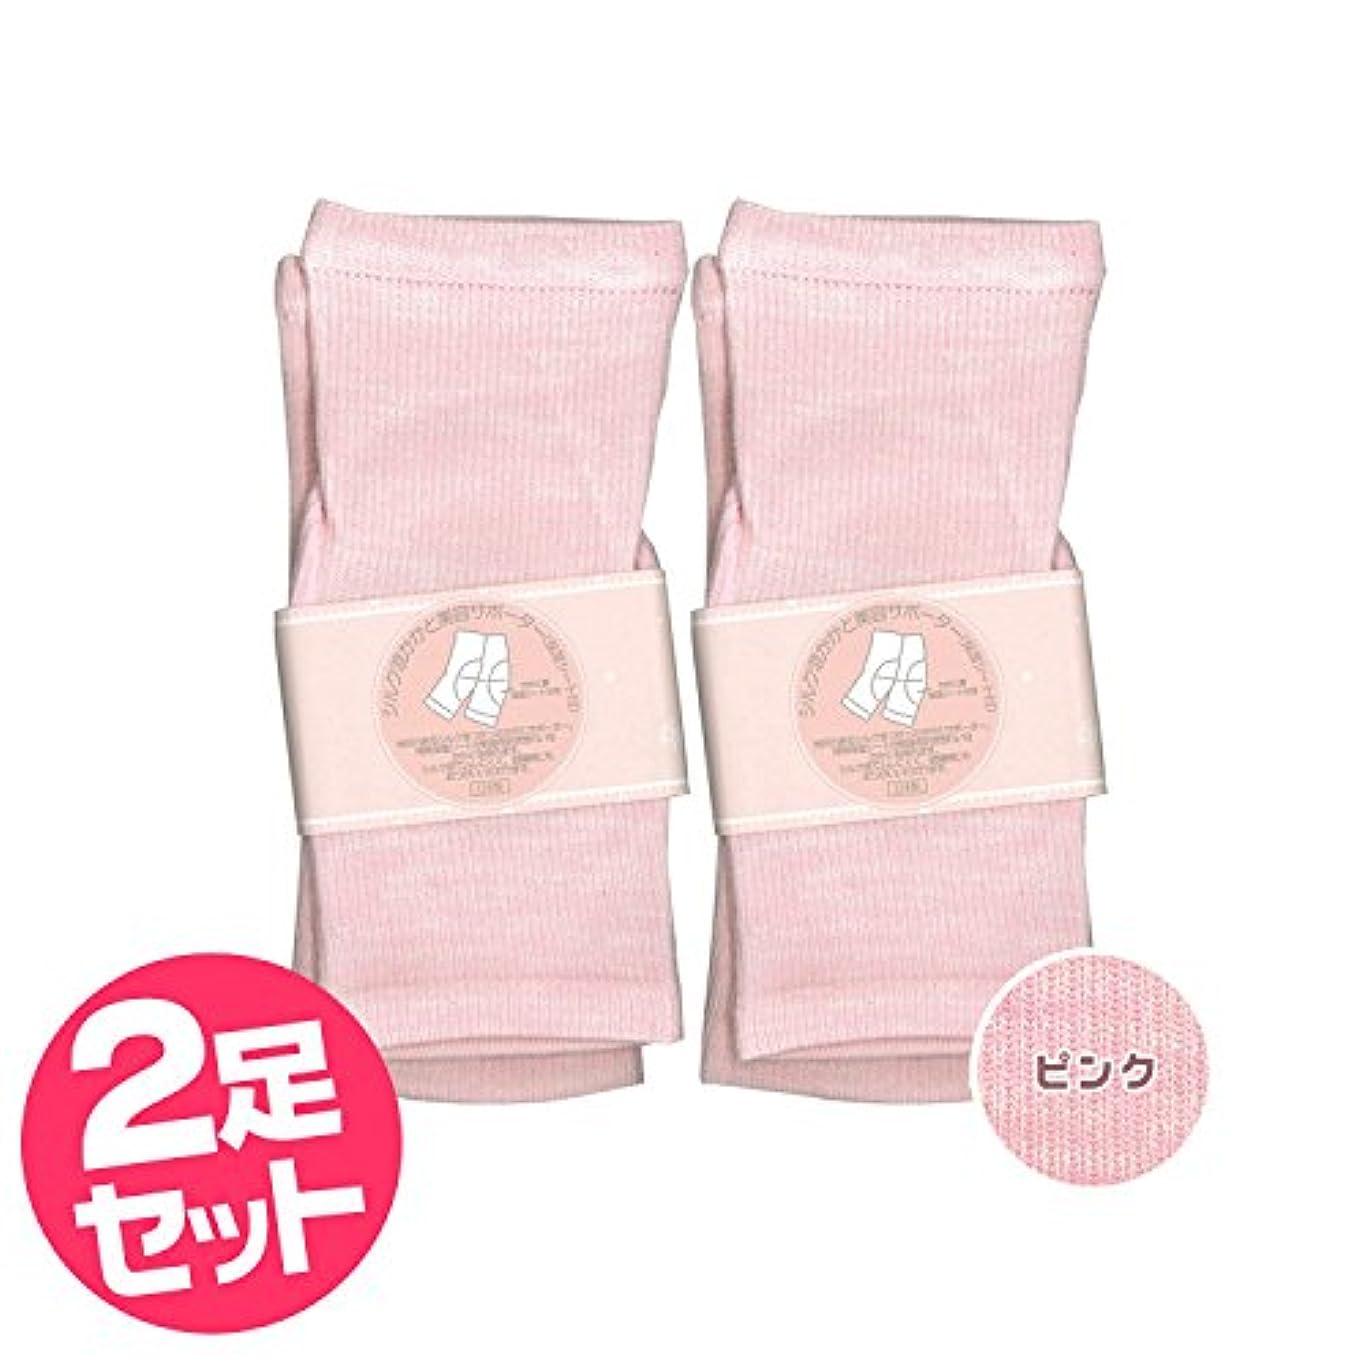 空中配管統合するシルク混 かかと美容サポーター[保湿シート付]◆2足セット◆0649 (ピンク)